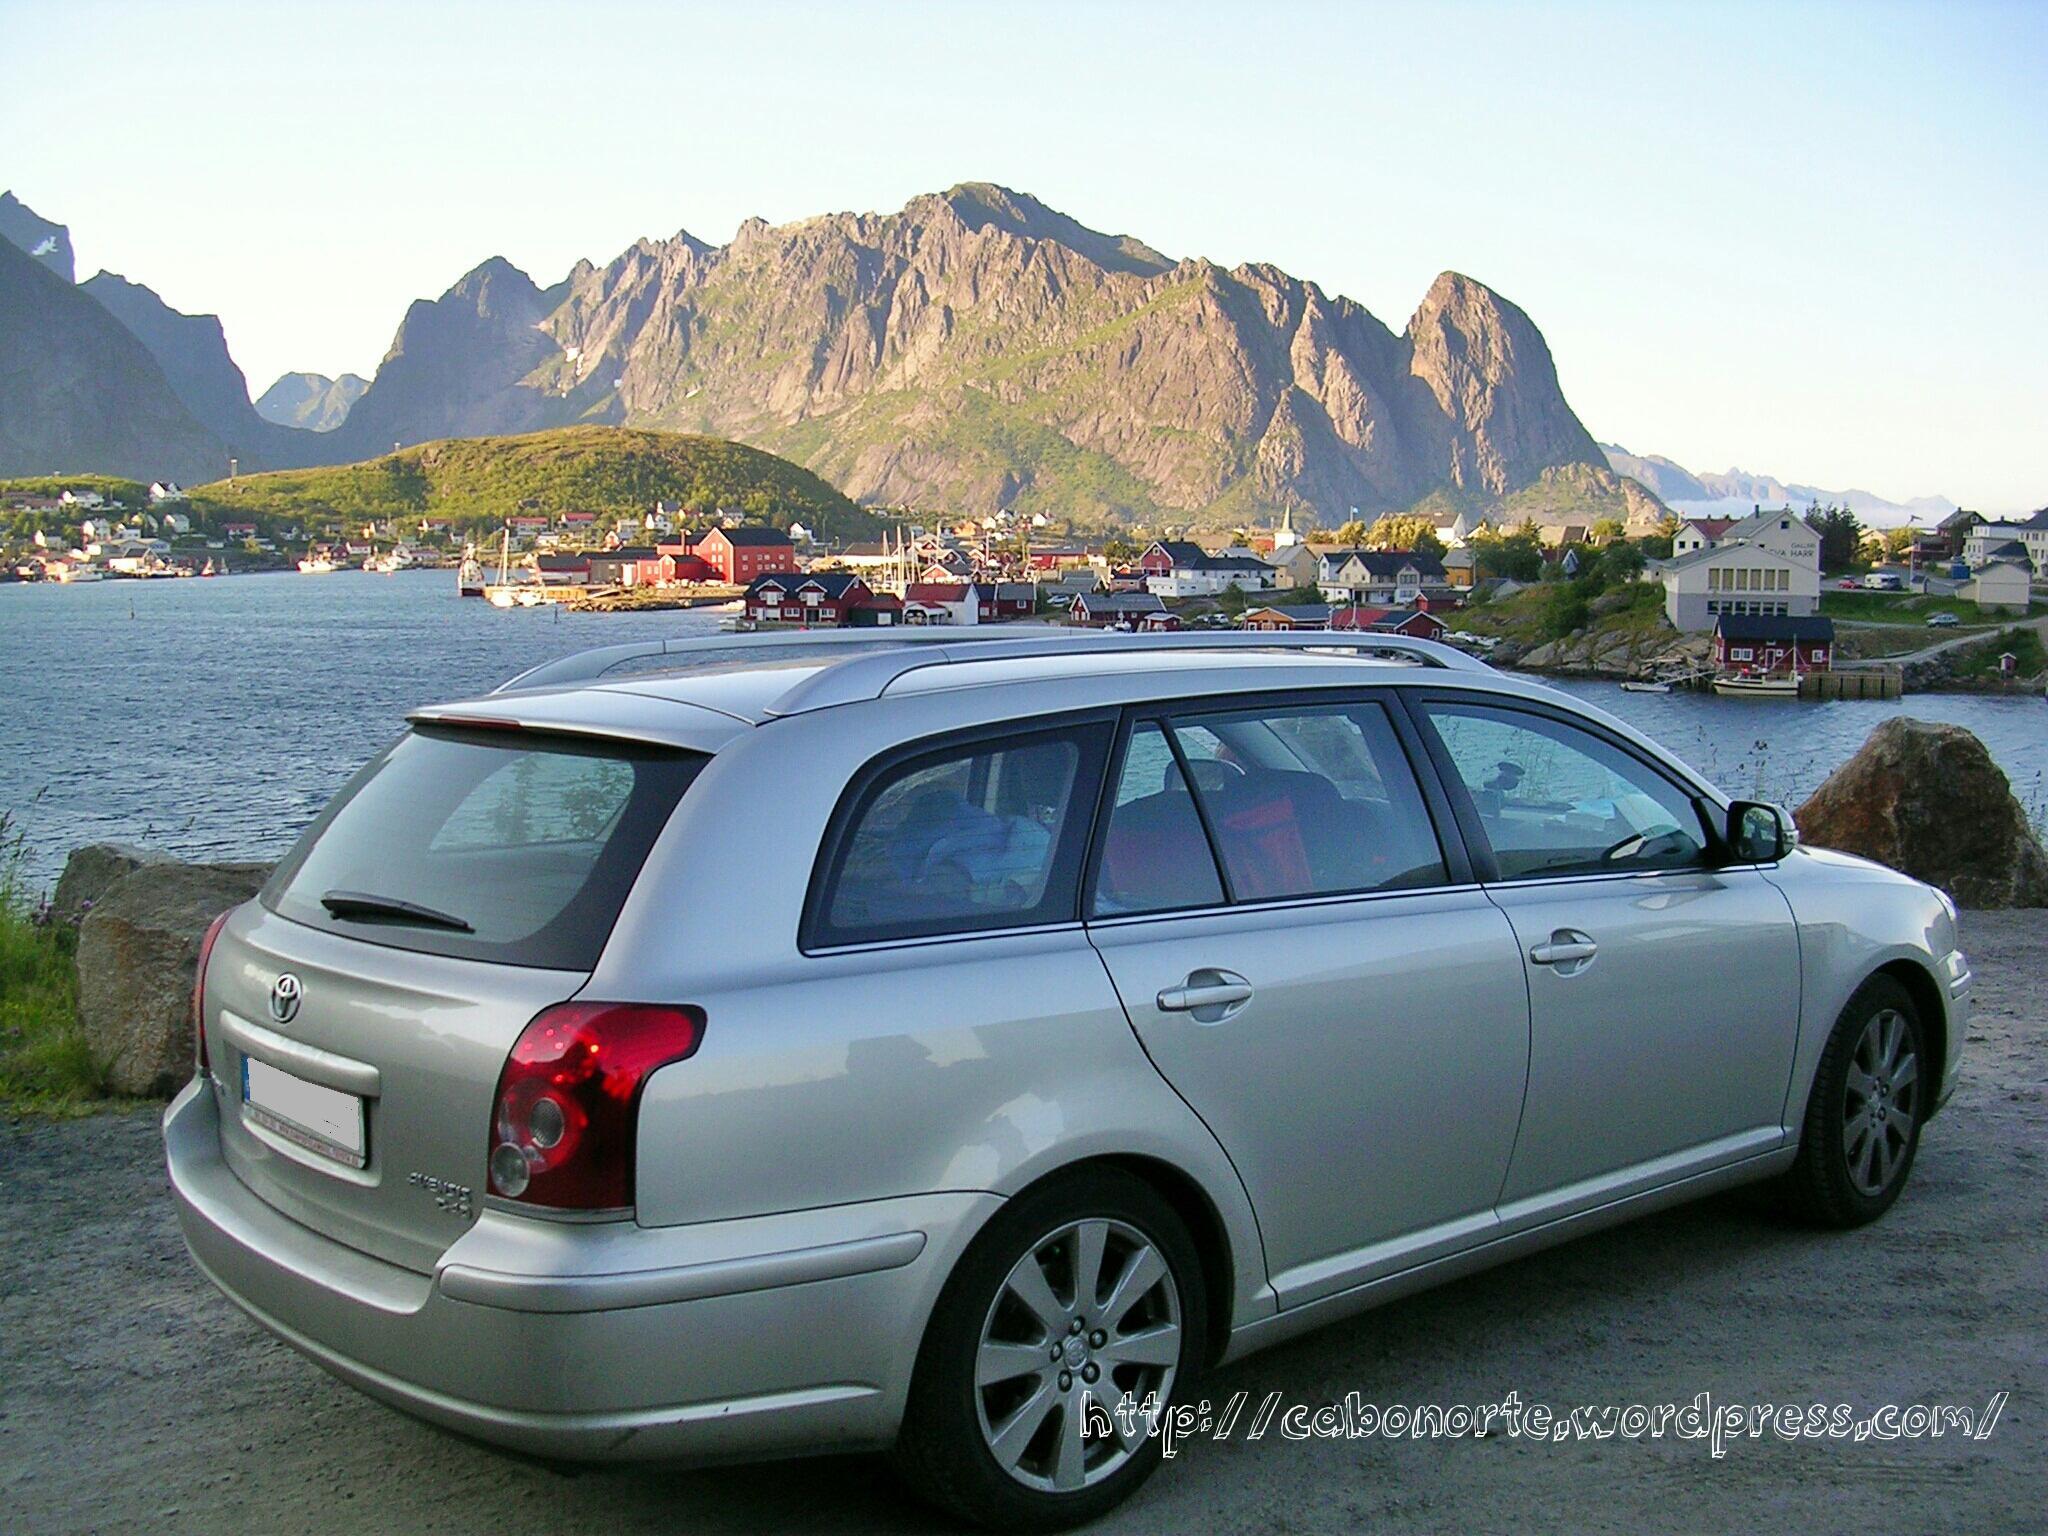 Islas Lofoten, Noruega, julio 2009